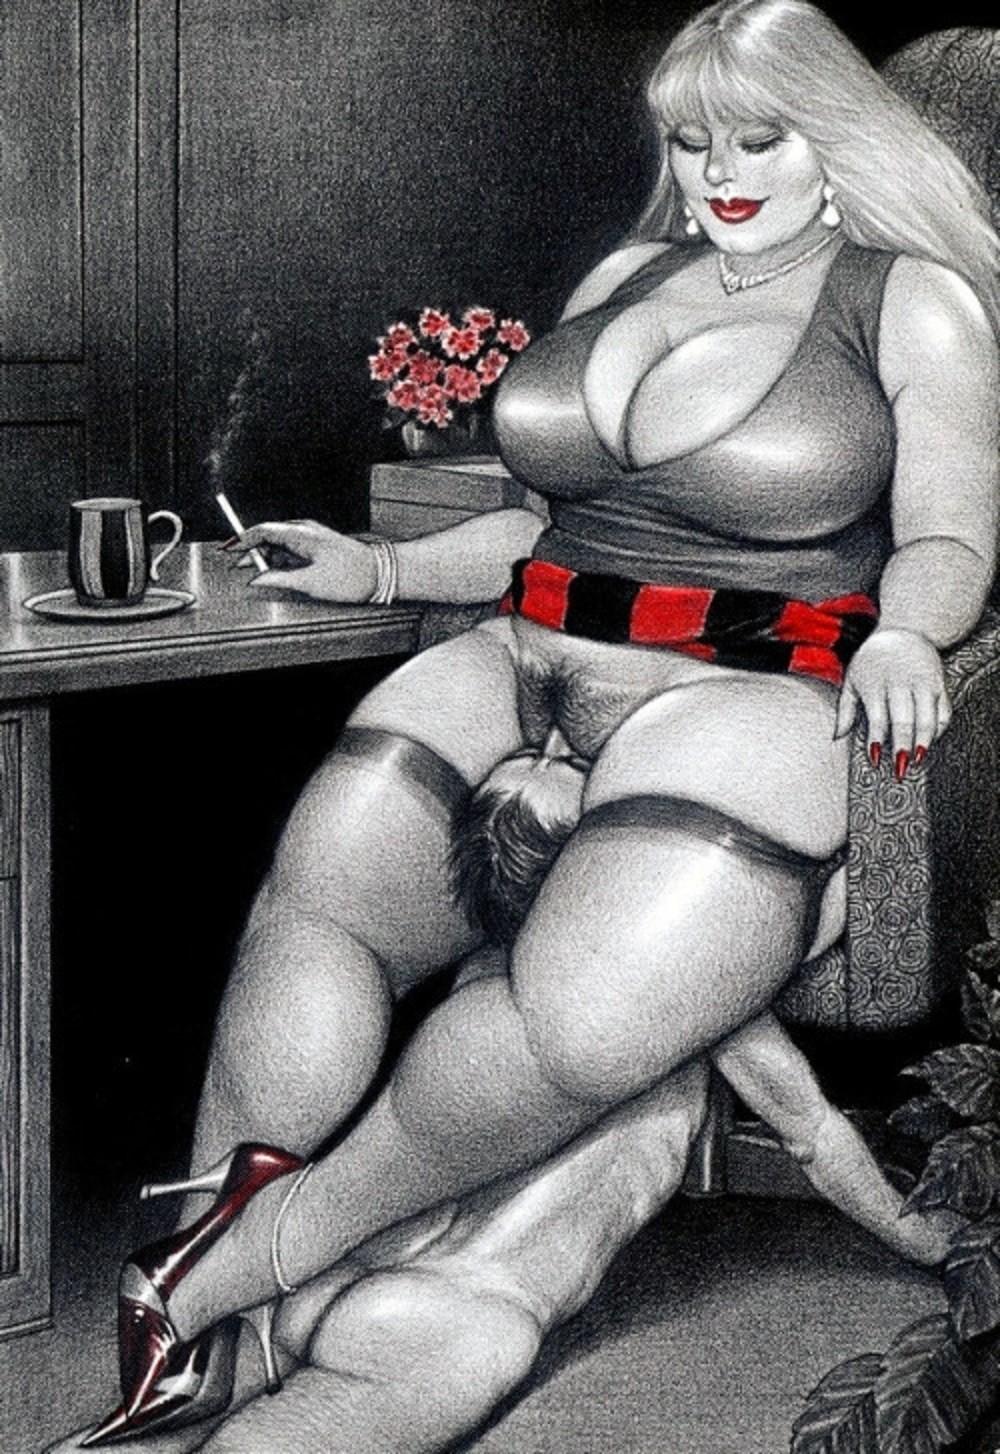 Знал, что толстые госпожи бдсм покачала головой